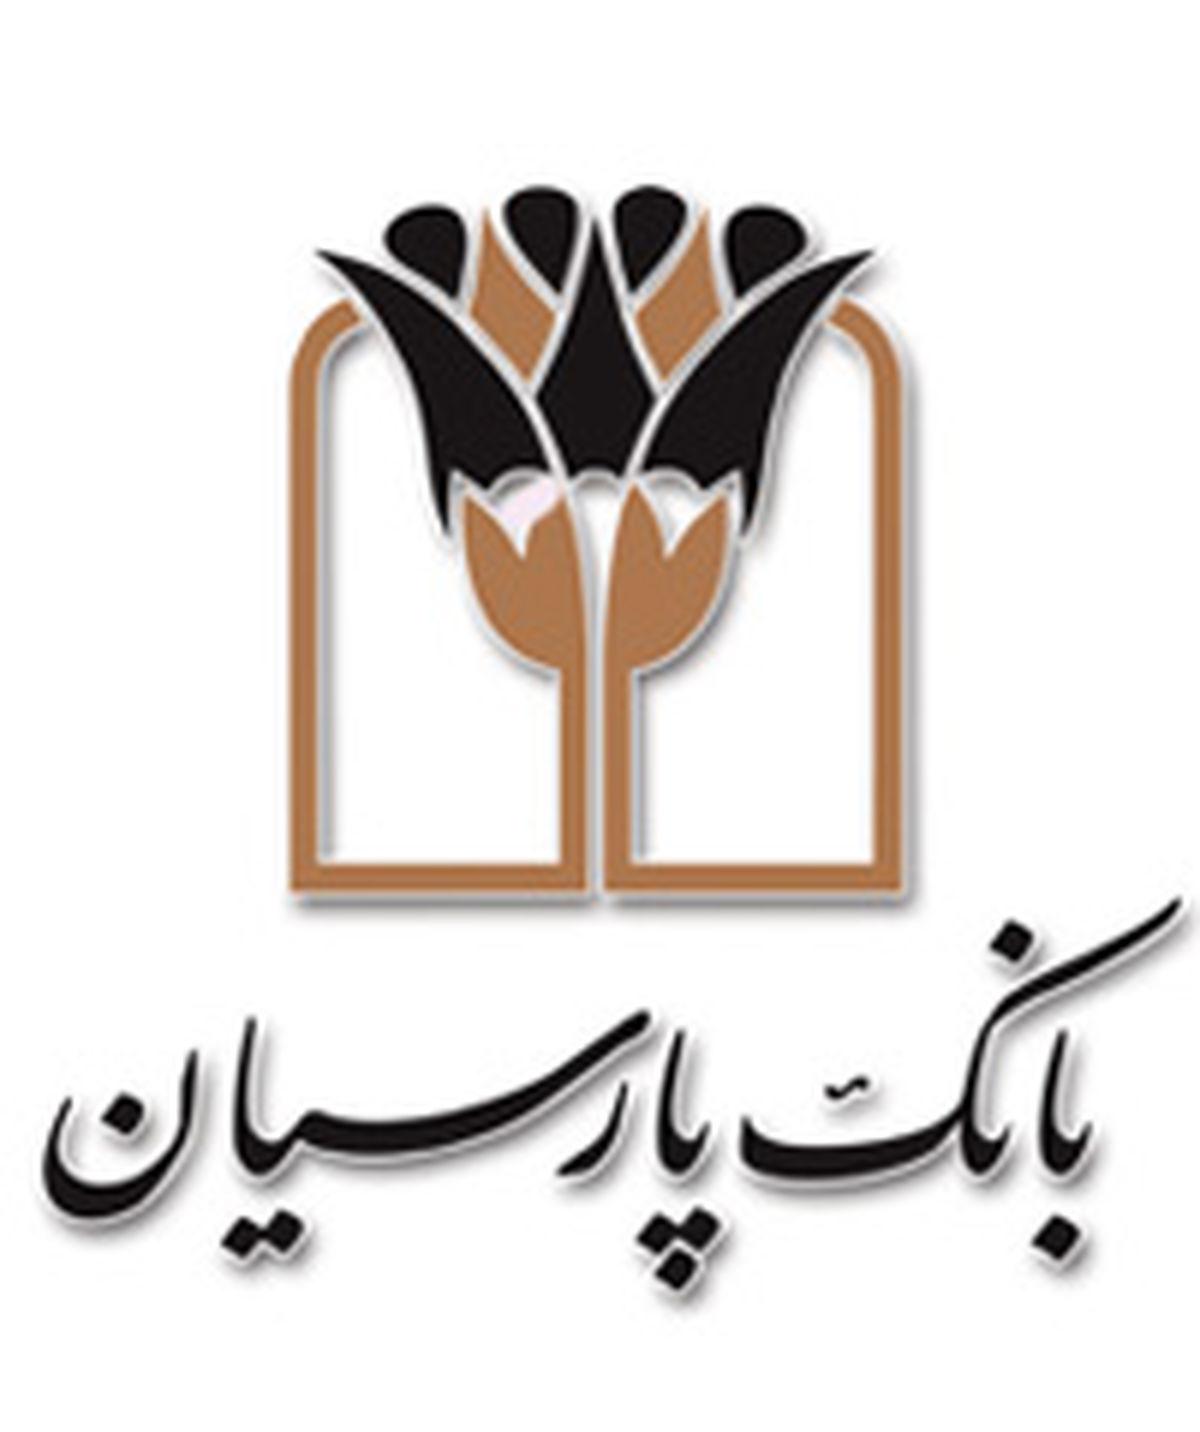 دریافت تسهیلات قرض الحسنه بدون مراجعه حضوری به بانک پارسیان